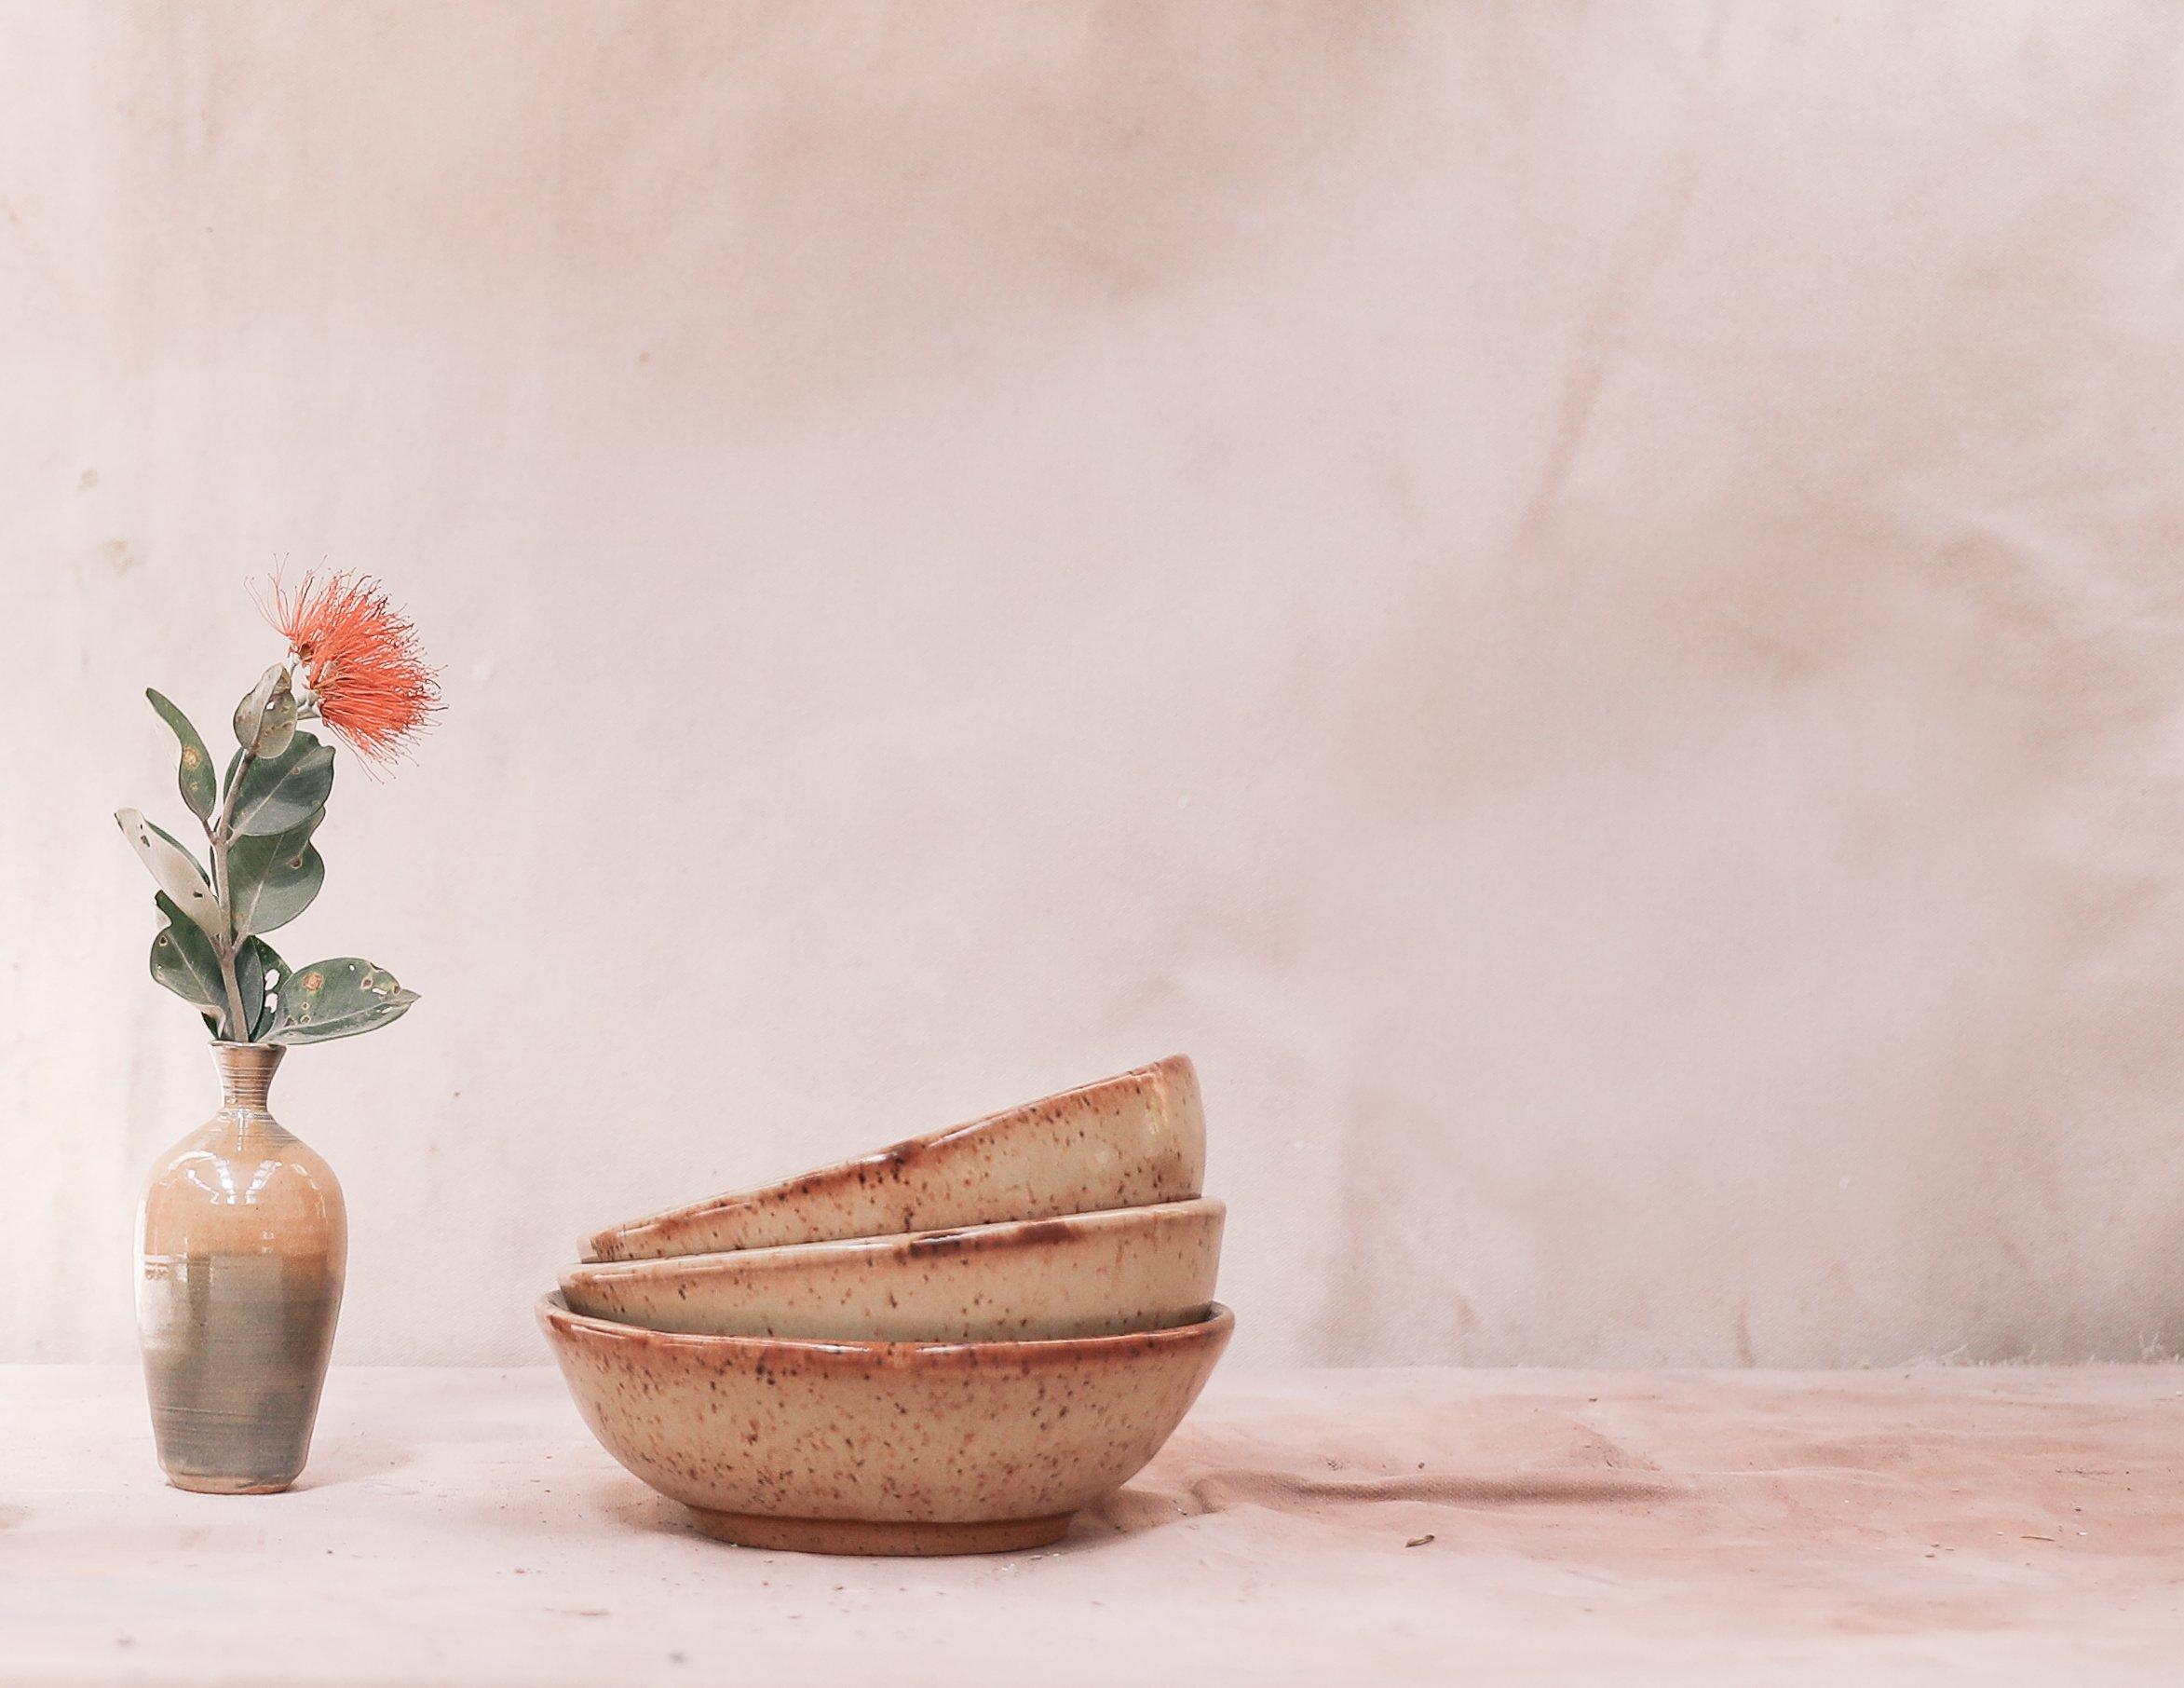 vase pottery bowls nesting shino